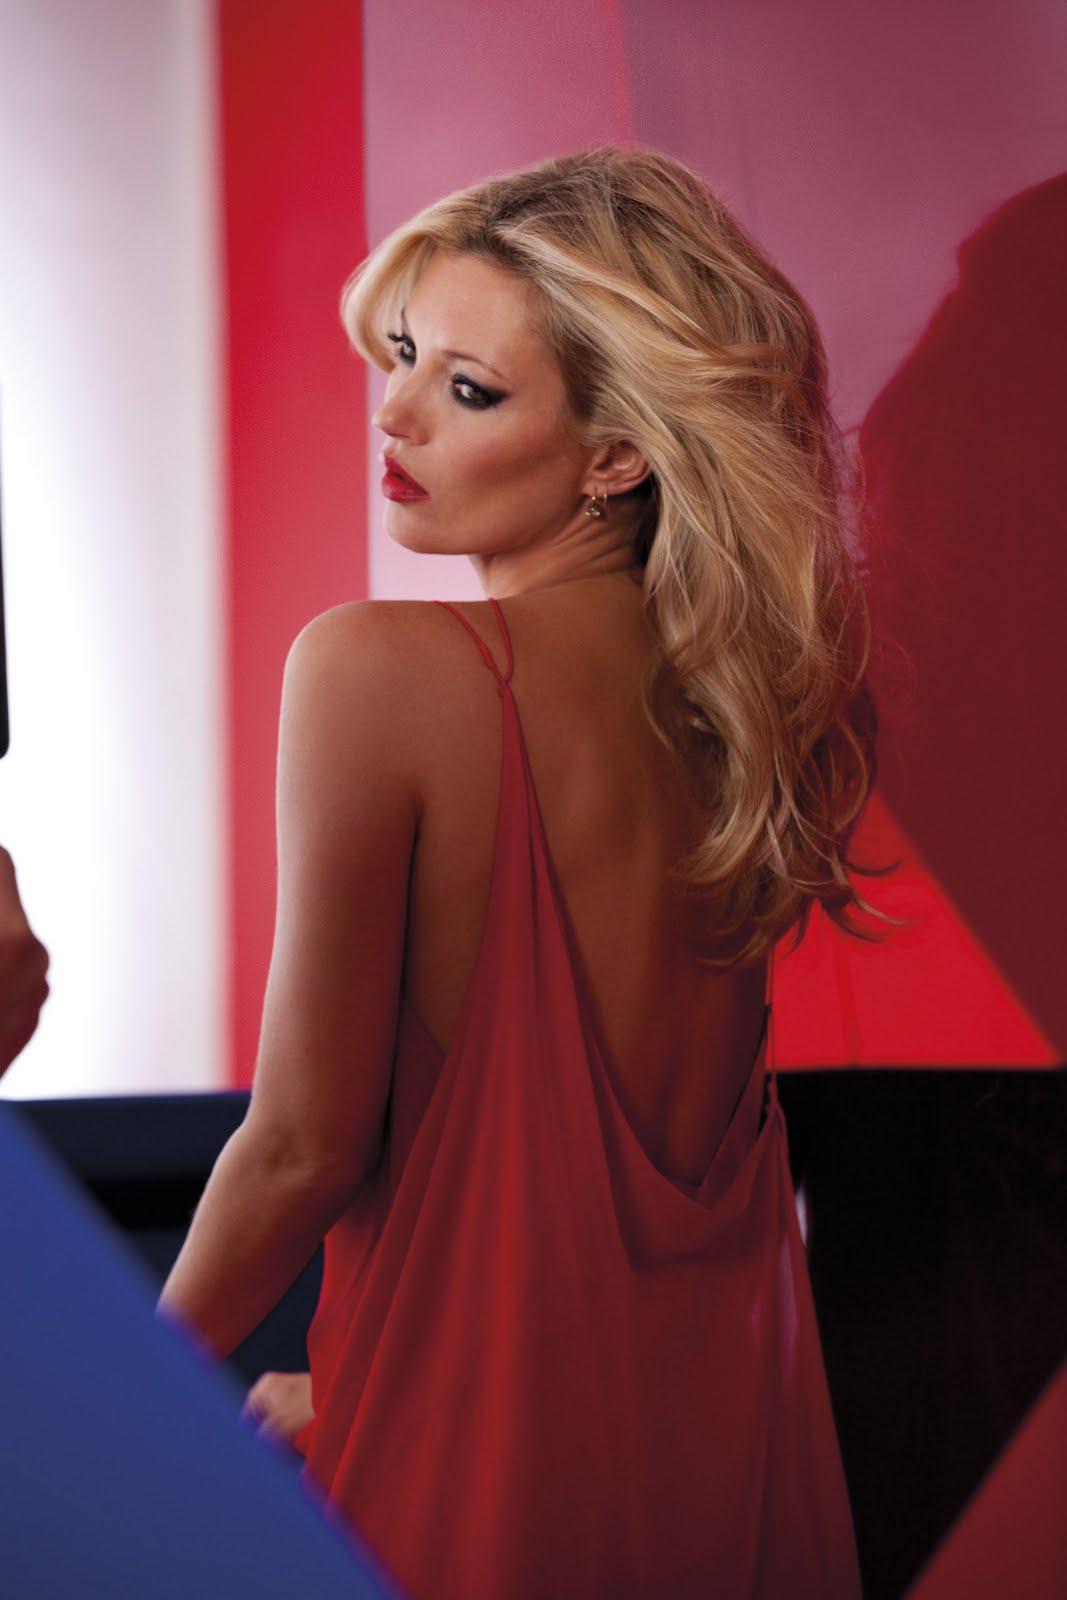 http://1.bp.blogspot.com/-V0R0vU8qXJU/Tm99v1ZU-aI/AAAAAAAABkE/NFdpGSbKw2U/s1600/Kate_Moss_over_shoulder.jpg